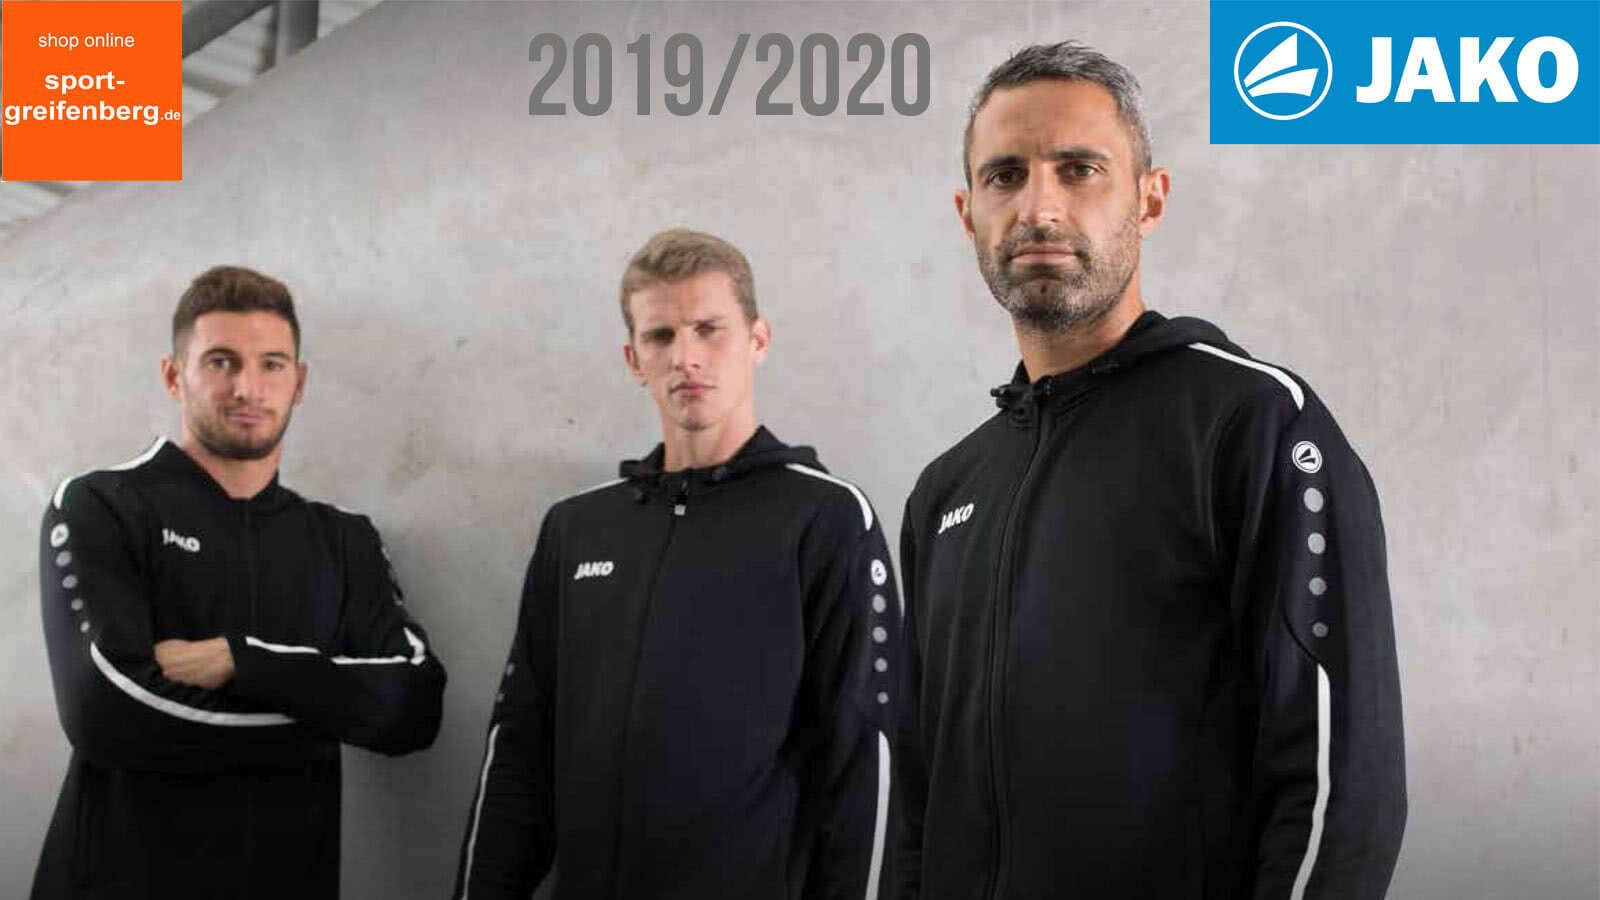 Die Jako Sportbekleidung für 2019 2020 mit der Jako Striker 2.0 Sportbekleidung